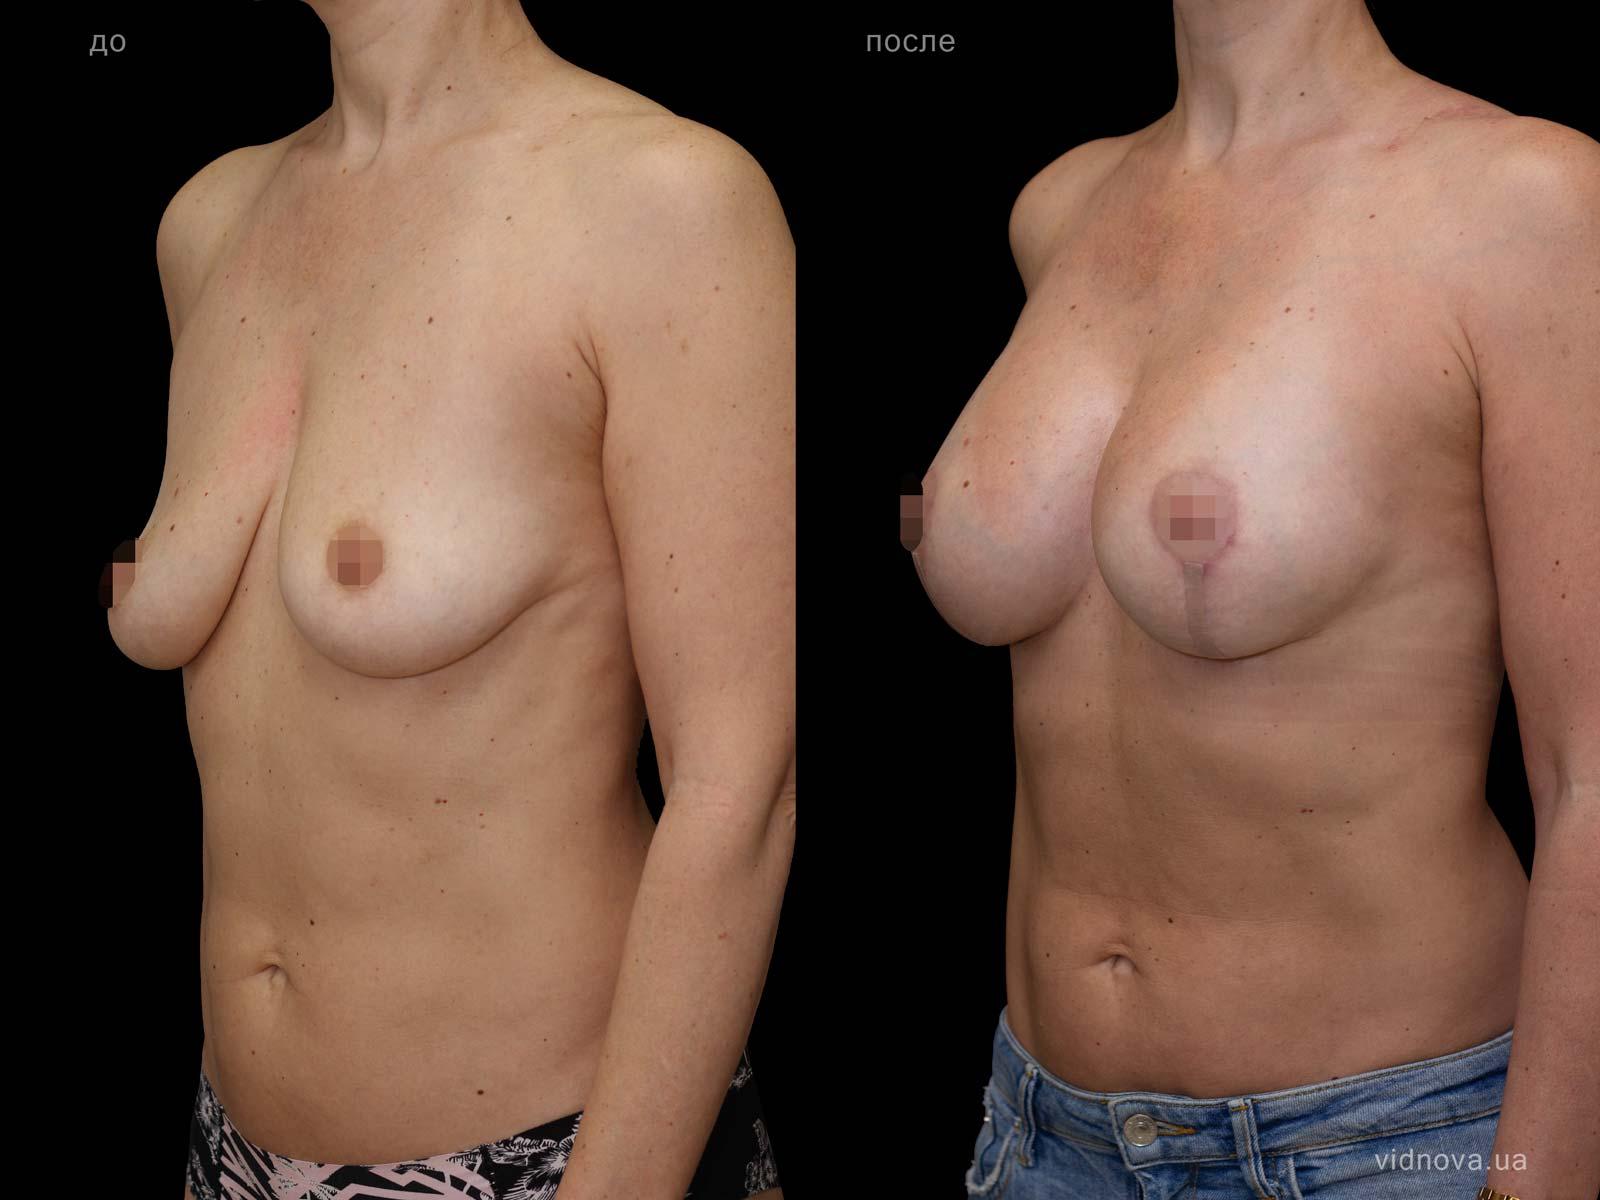 Пластика груди: результаты до и после - Пример №87-1 - Светлана Работенко